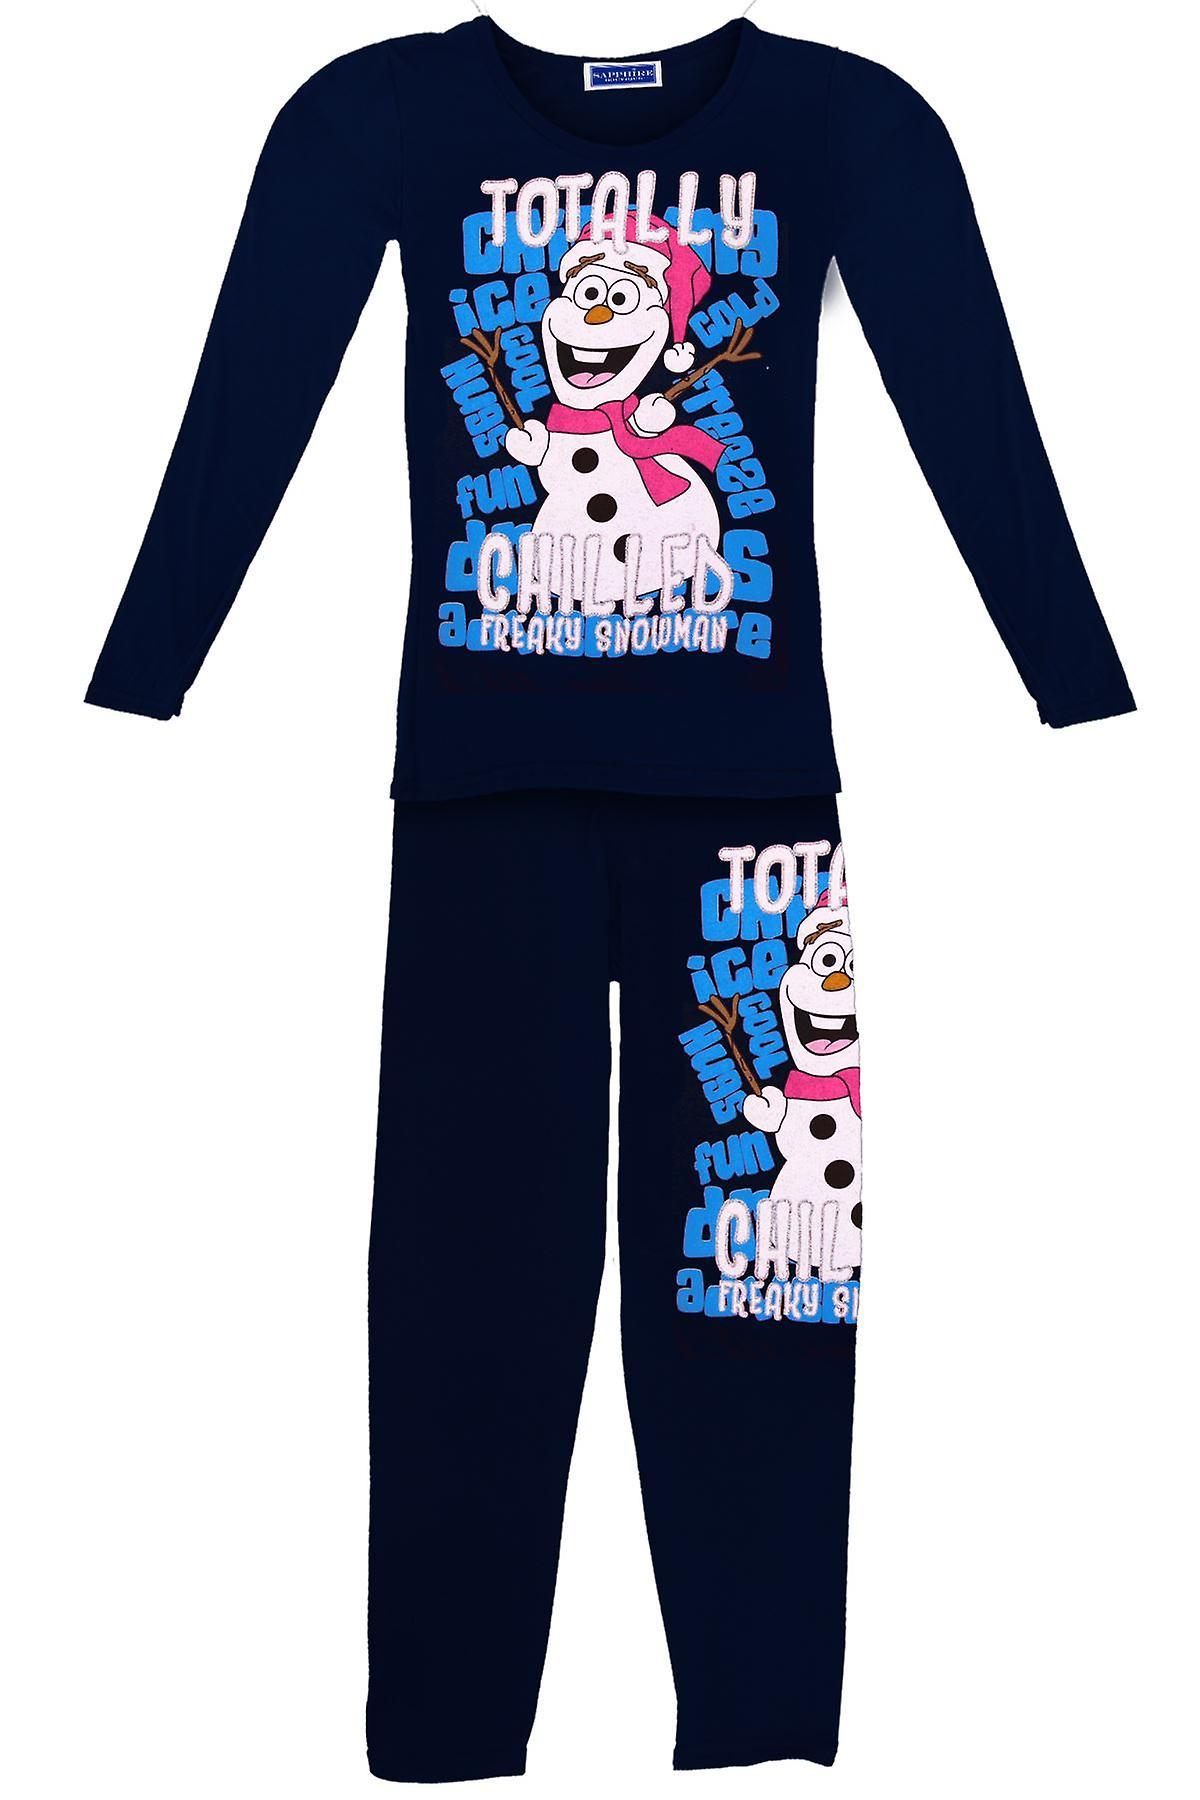 Kinderschneemann Olaf Völlig Chilled Mädchen Gefrorene Weihnachts Pyjamas Suit Set